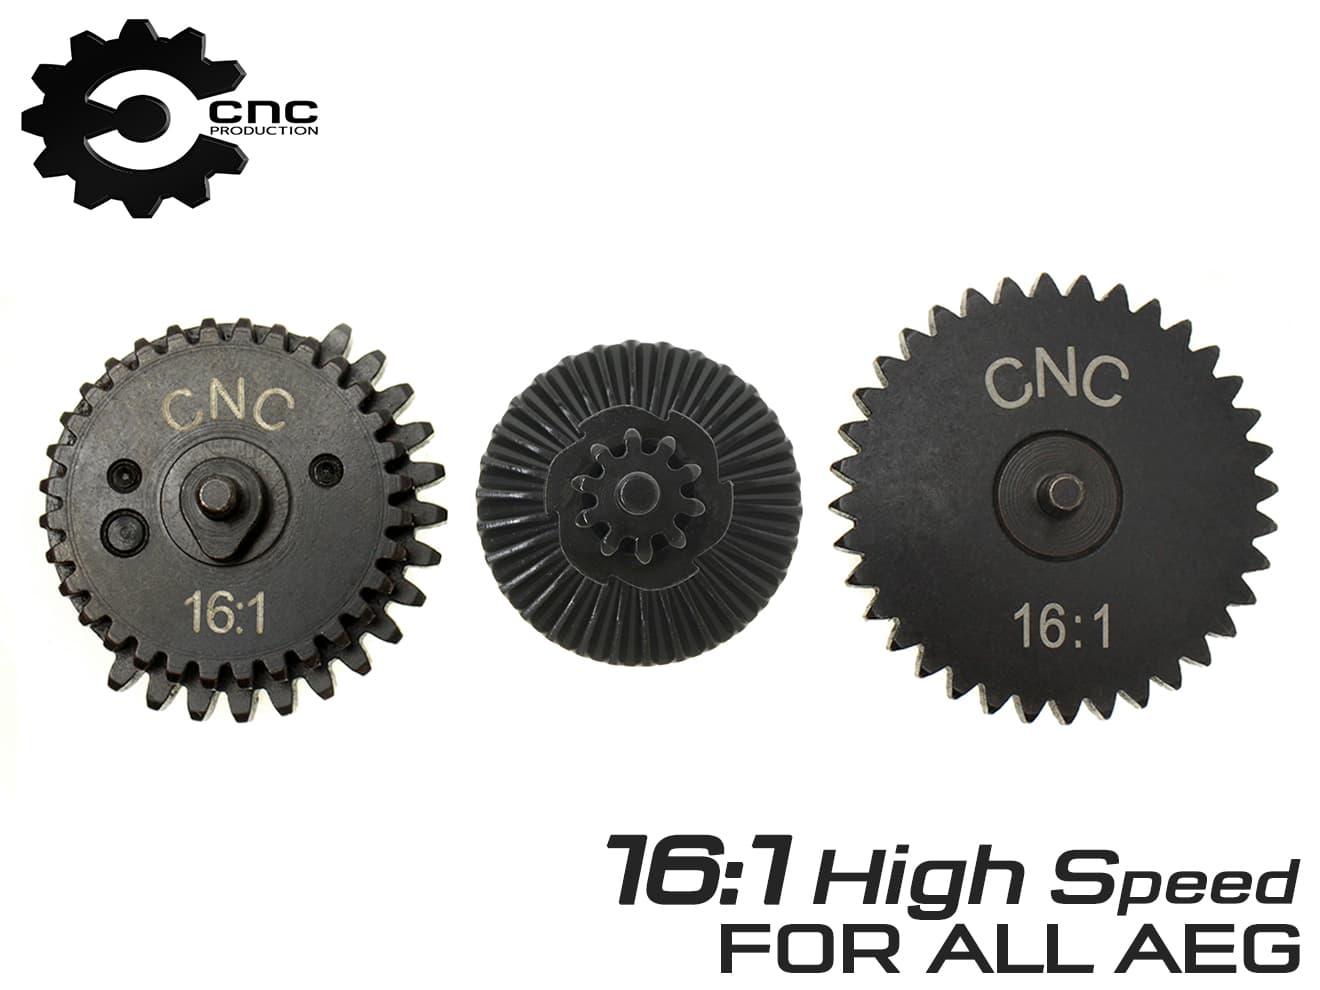 CNC Production 16:1 スチールCNCギアセット◆スタンダード電動ガン用 高強度 スチール削り出し AEG Ver2 3 4 6 7 ハイスピードギヤ画像